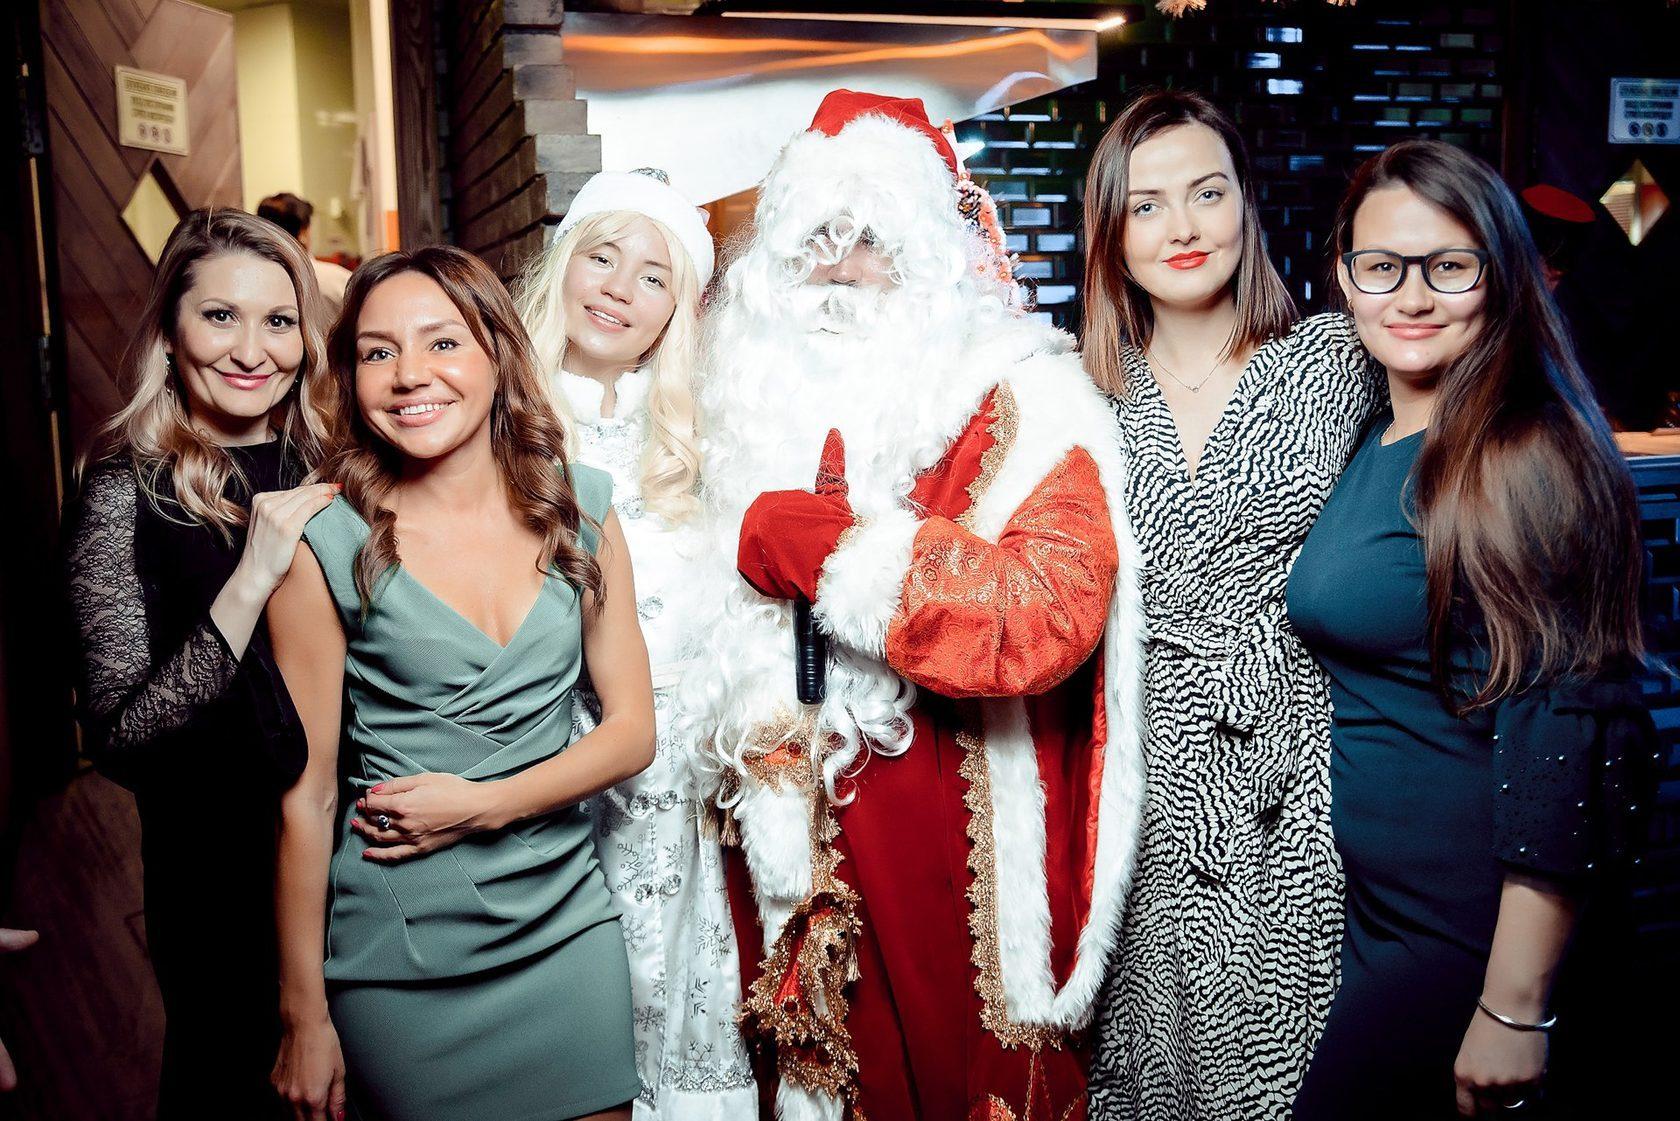 А зачем нужен Дед Мороз? Аниматоры в Алматы